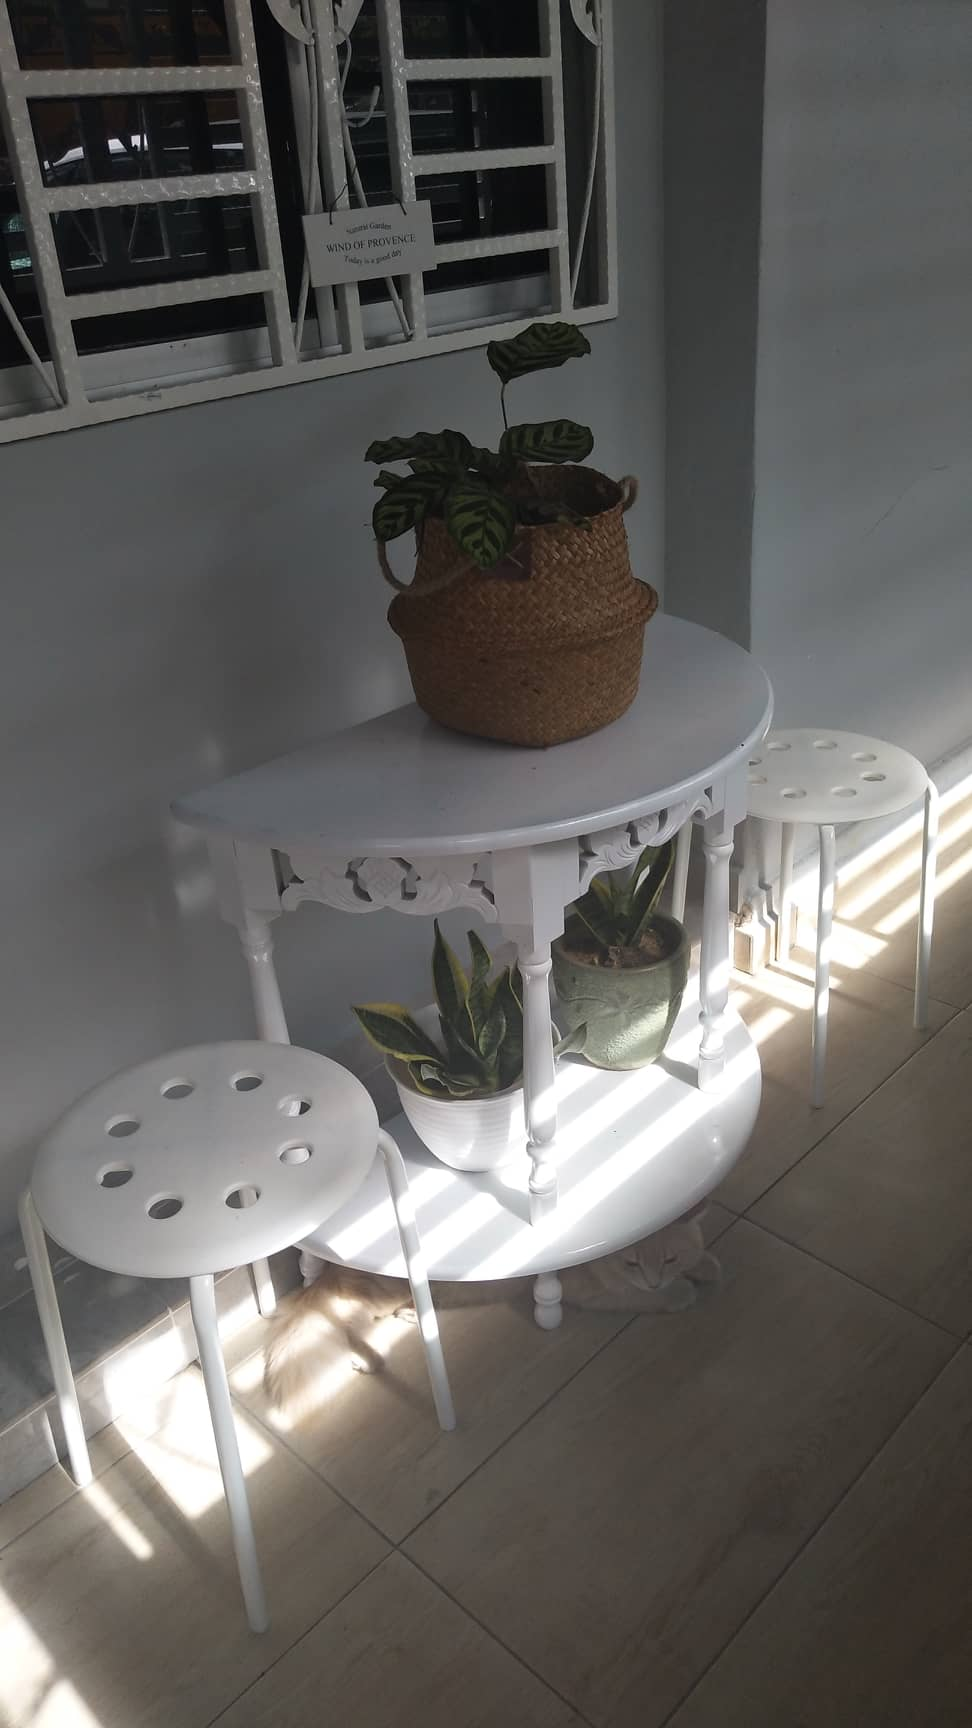 Terdapat juga meja kecil berserta dua kerusi untuk memudahkan tetamu memakai kasut. Meja juga dihiasi tumbuhan hijau agar kediaman tampak segar.